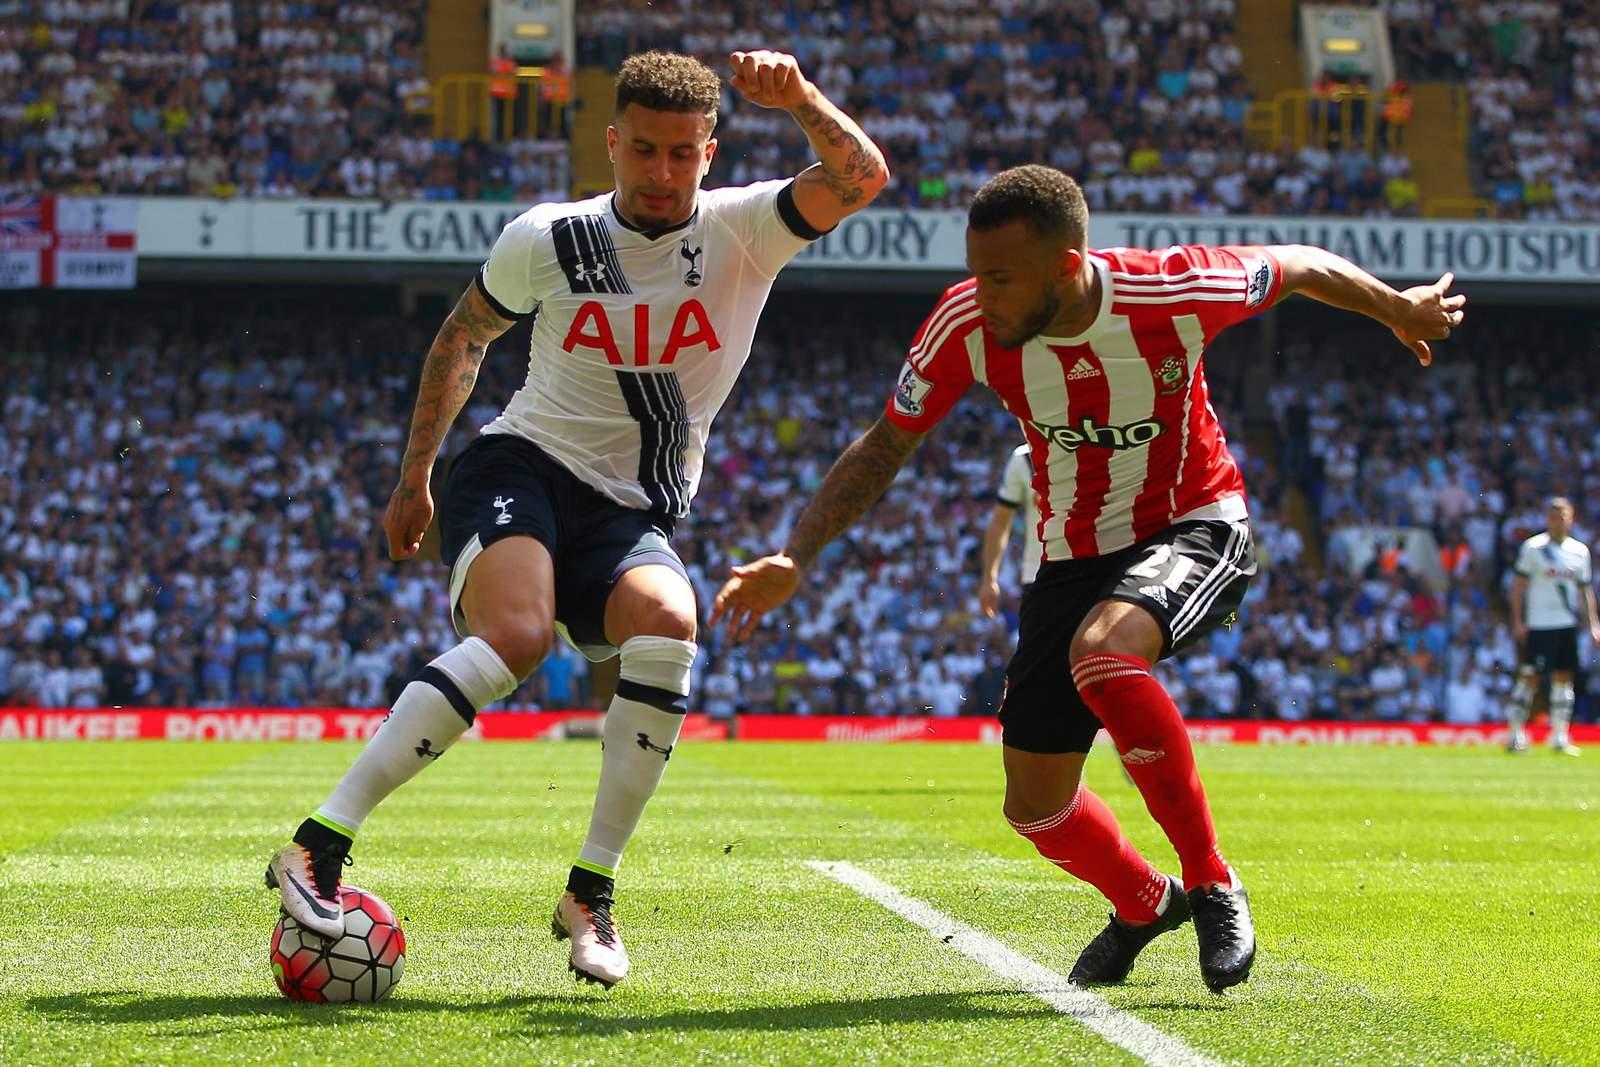 Setzt sich Walker gegen Bertrand durch? Jetzt auf Southampton gegen Tottenham wetten